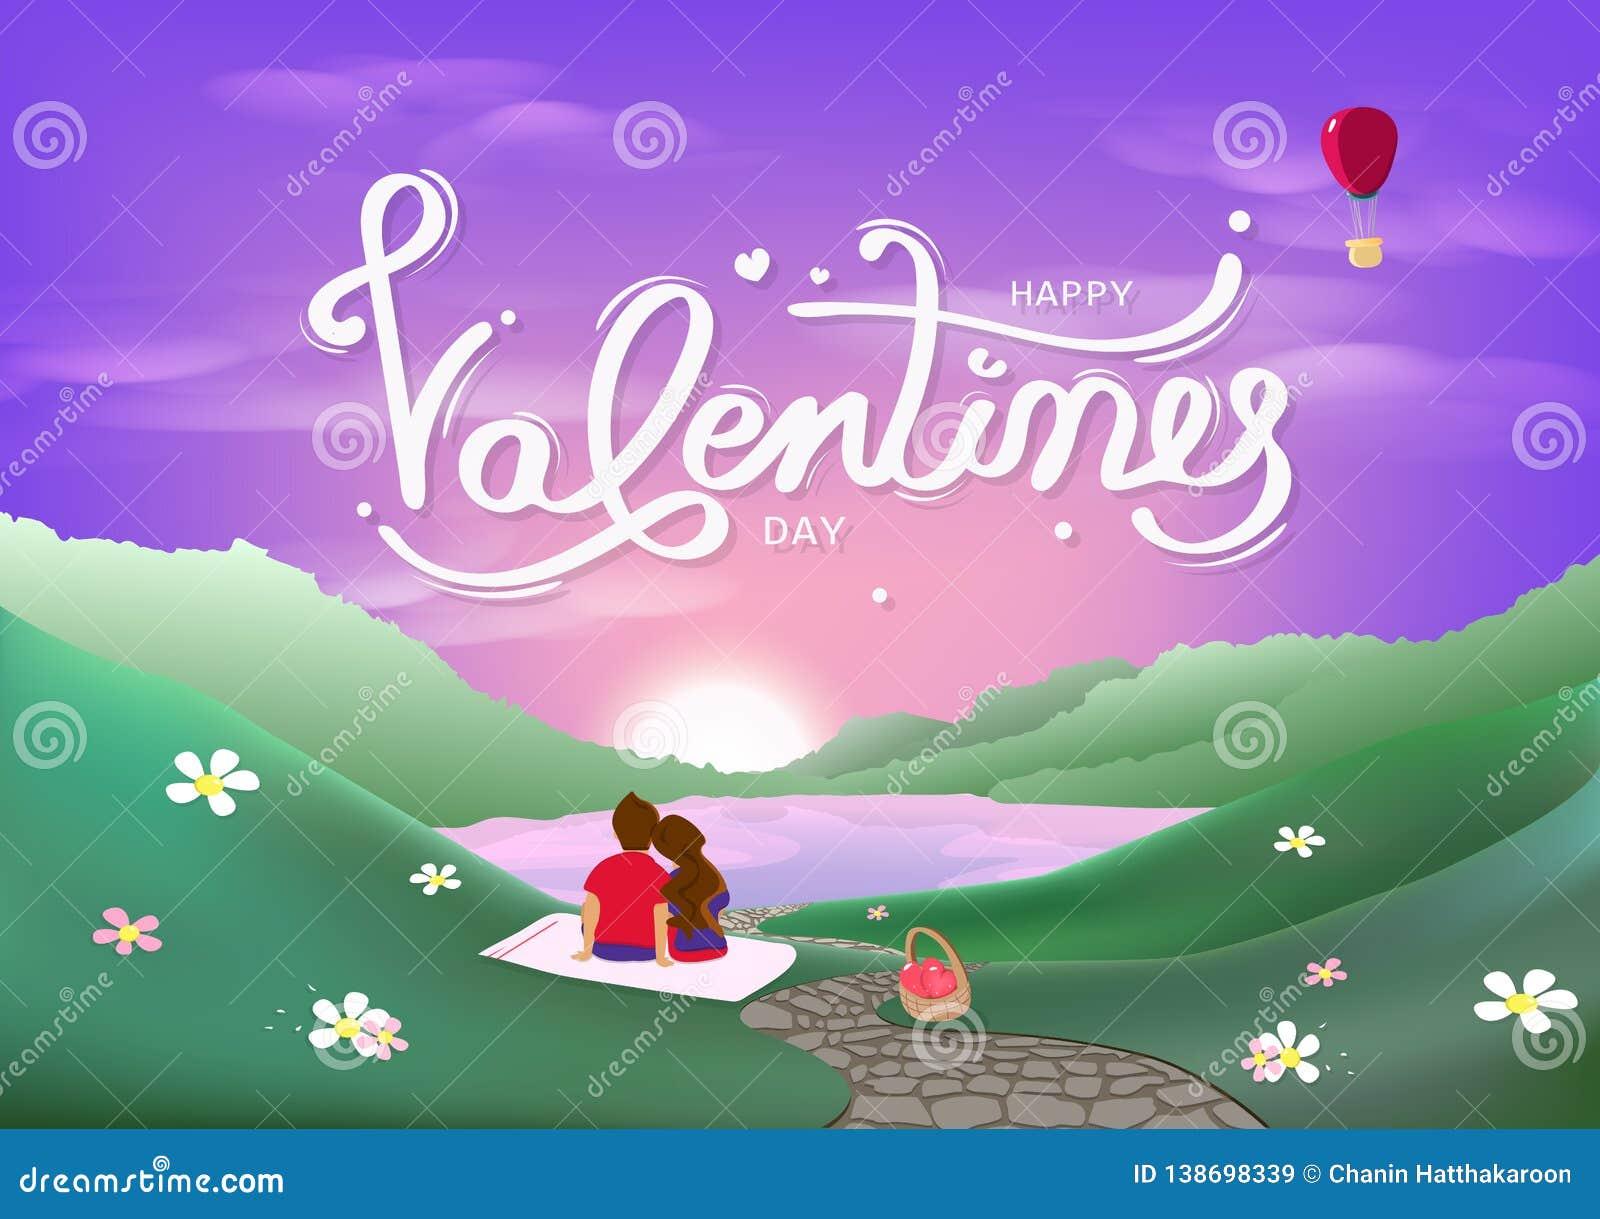 Cor pastel romance do dia de Valentim, da felicidade do amante, do conceito da lua de mel, da decoração da caligrafia, da cena da